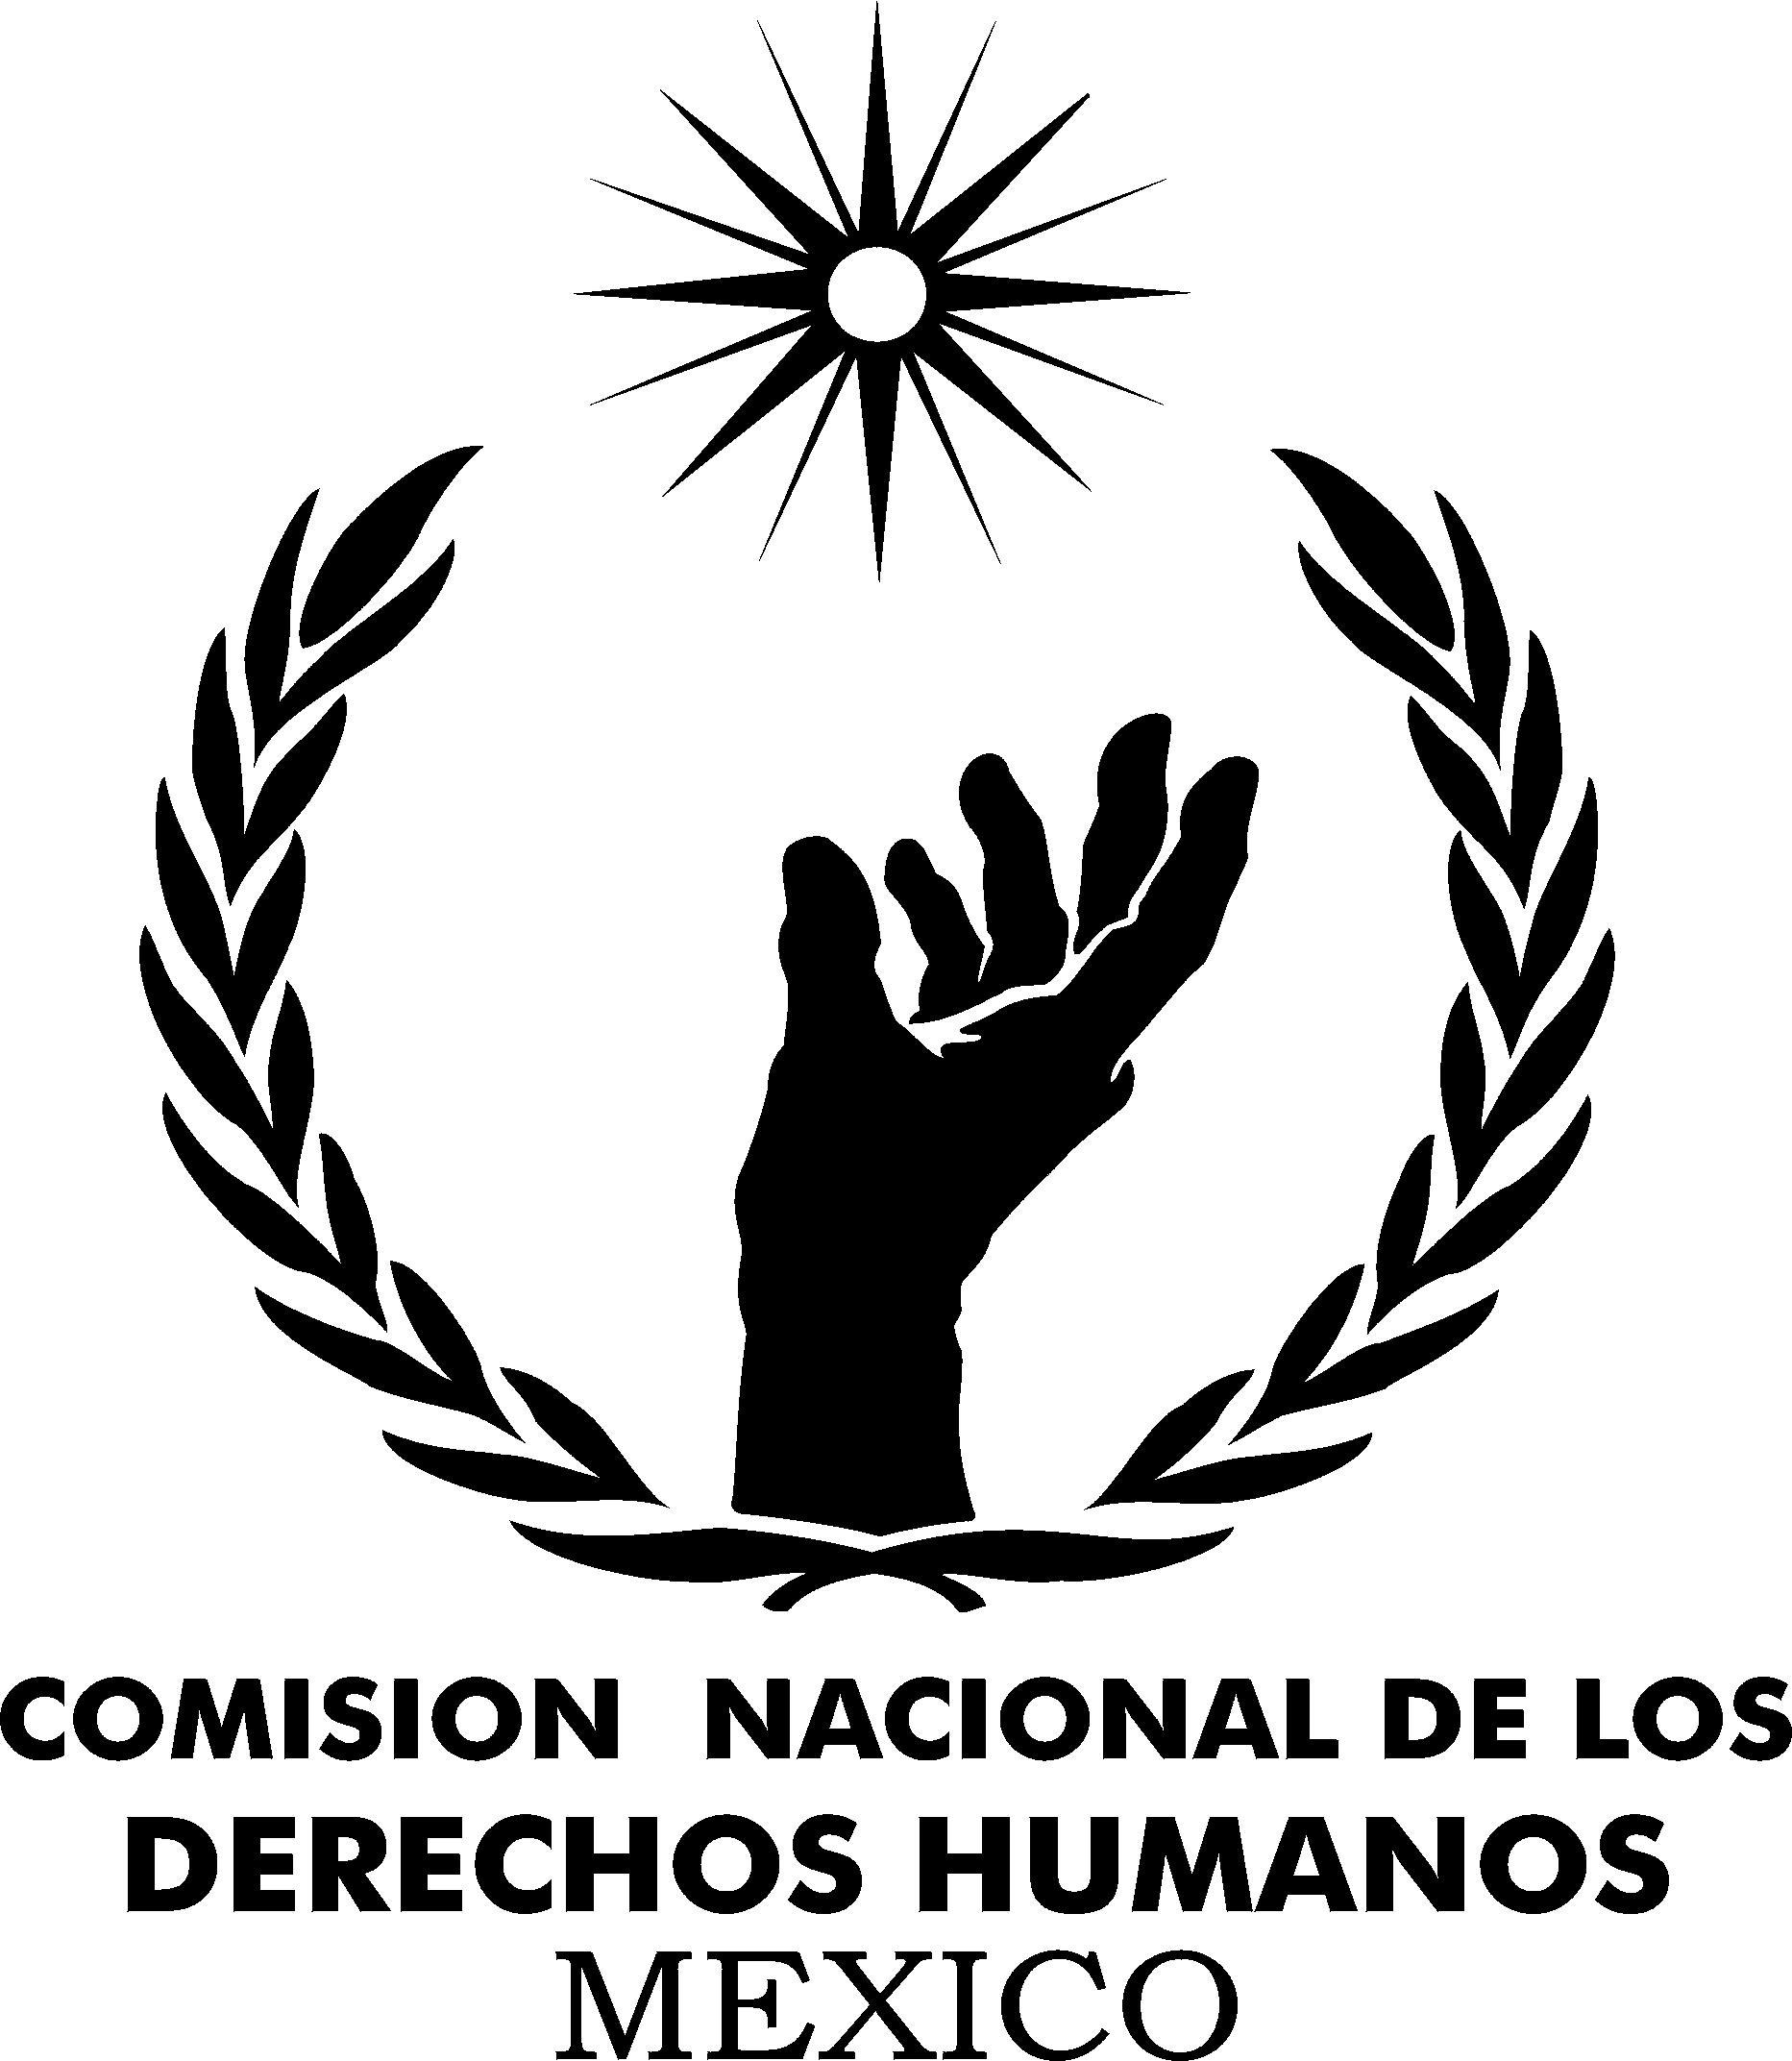 Días Inhábiles Comisión Nacional de los Derechos Humanos 2020